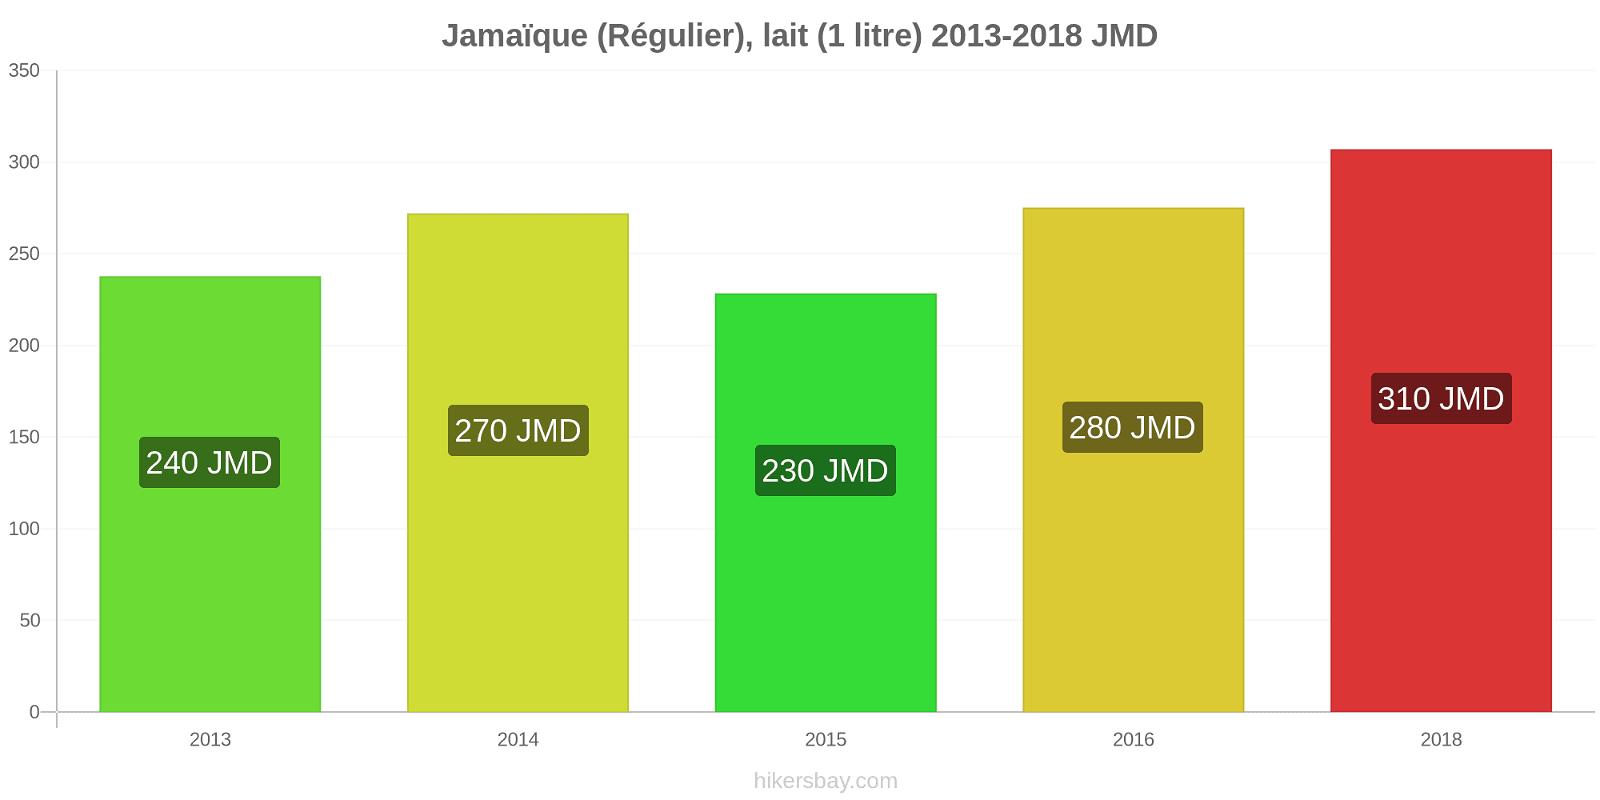 Jamaïque changements de prix (Régulier), lait (1 litre) hikersbay.com